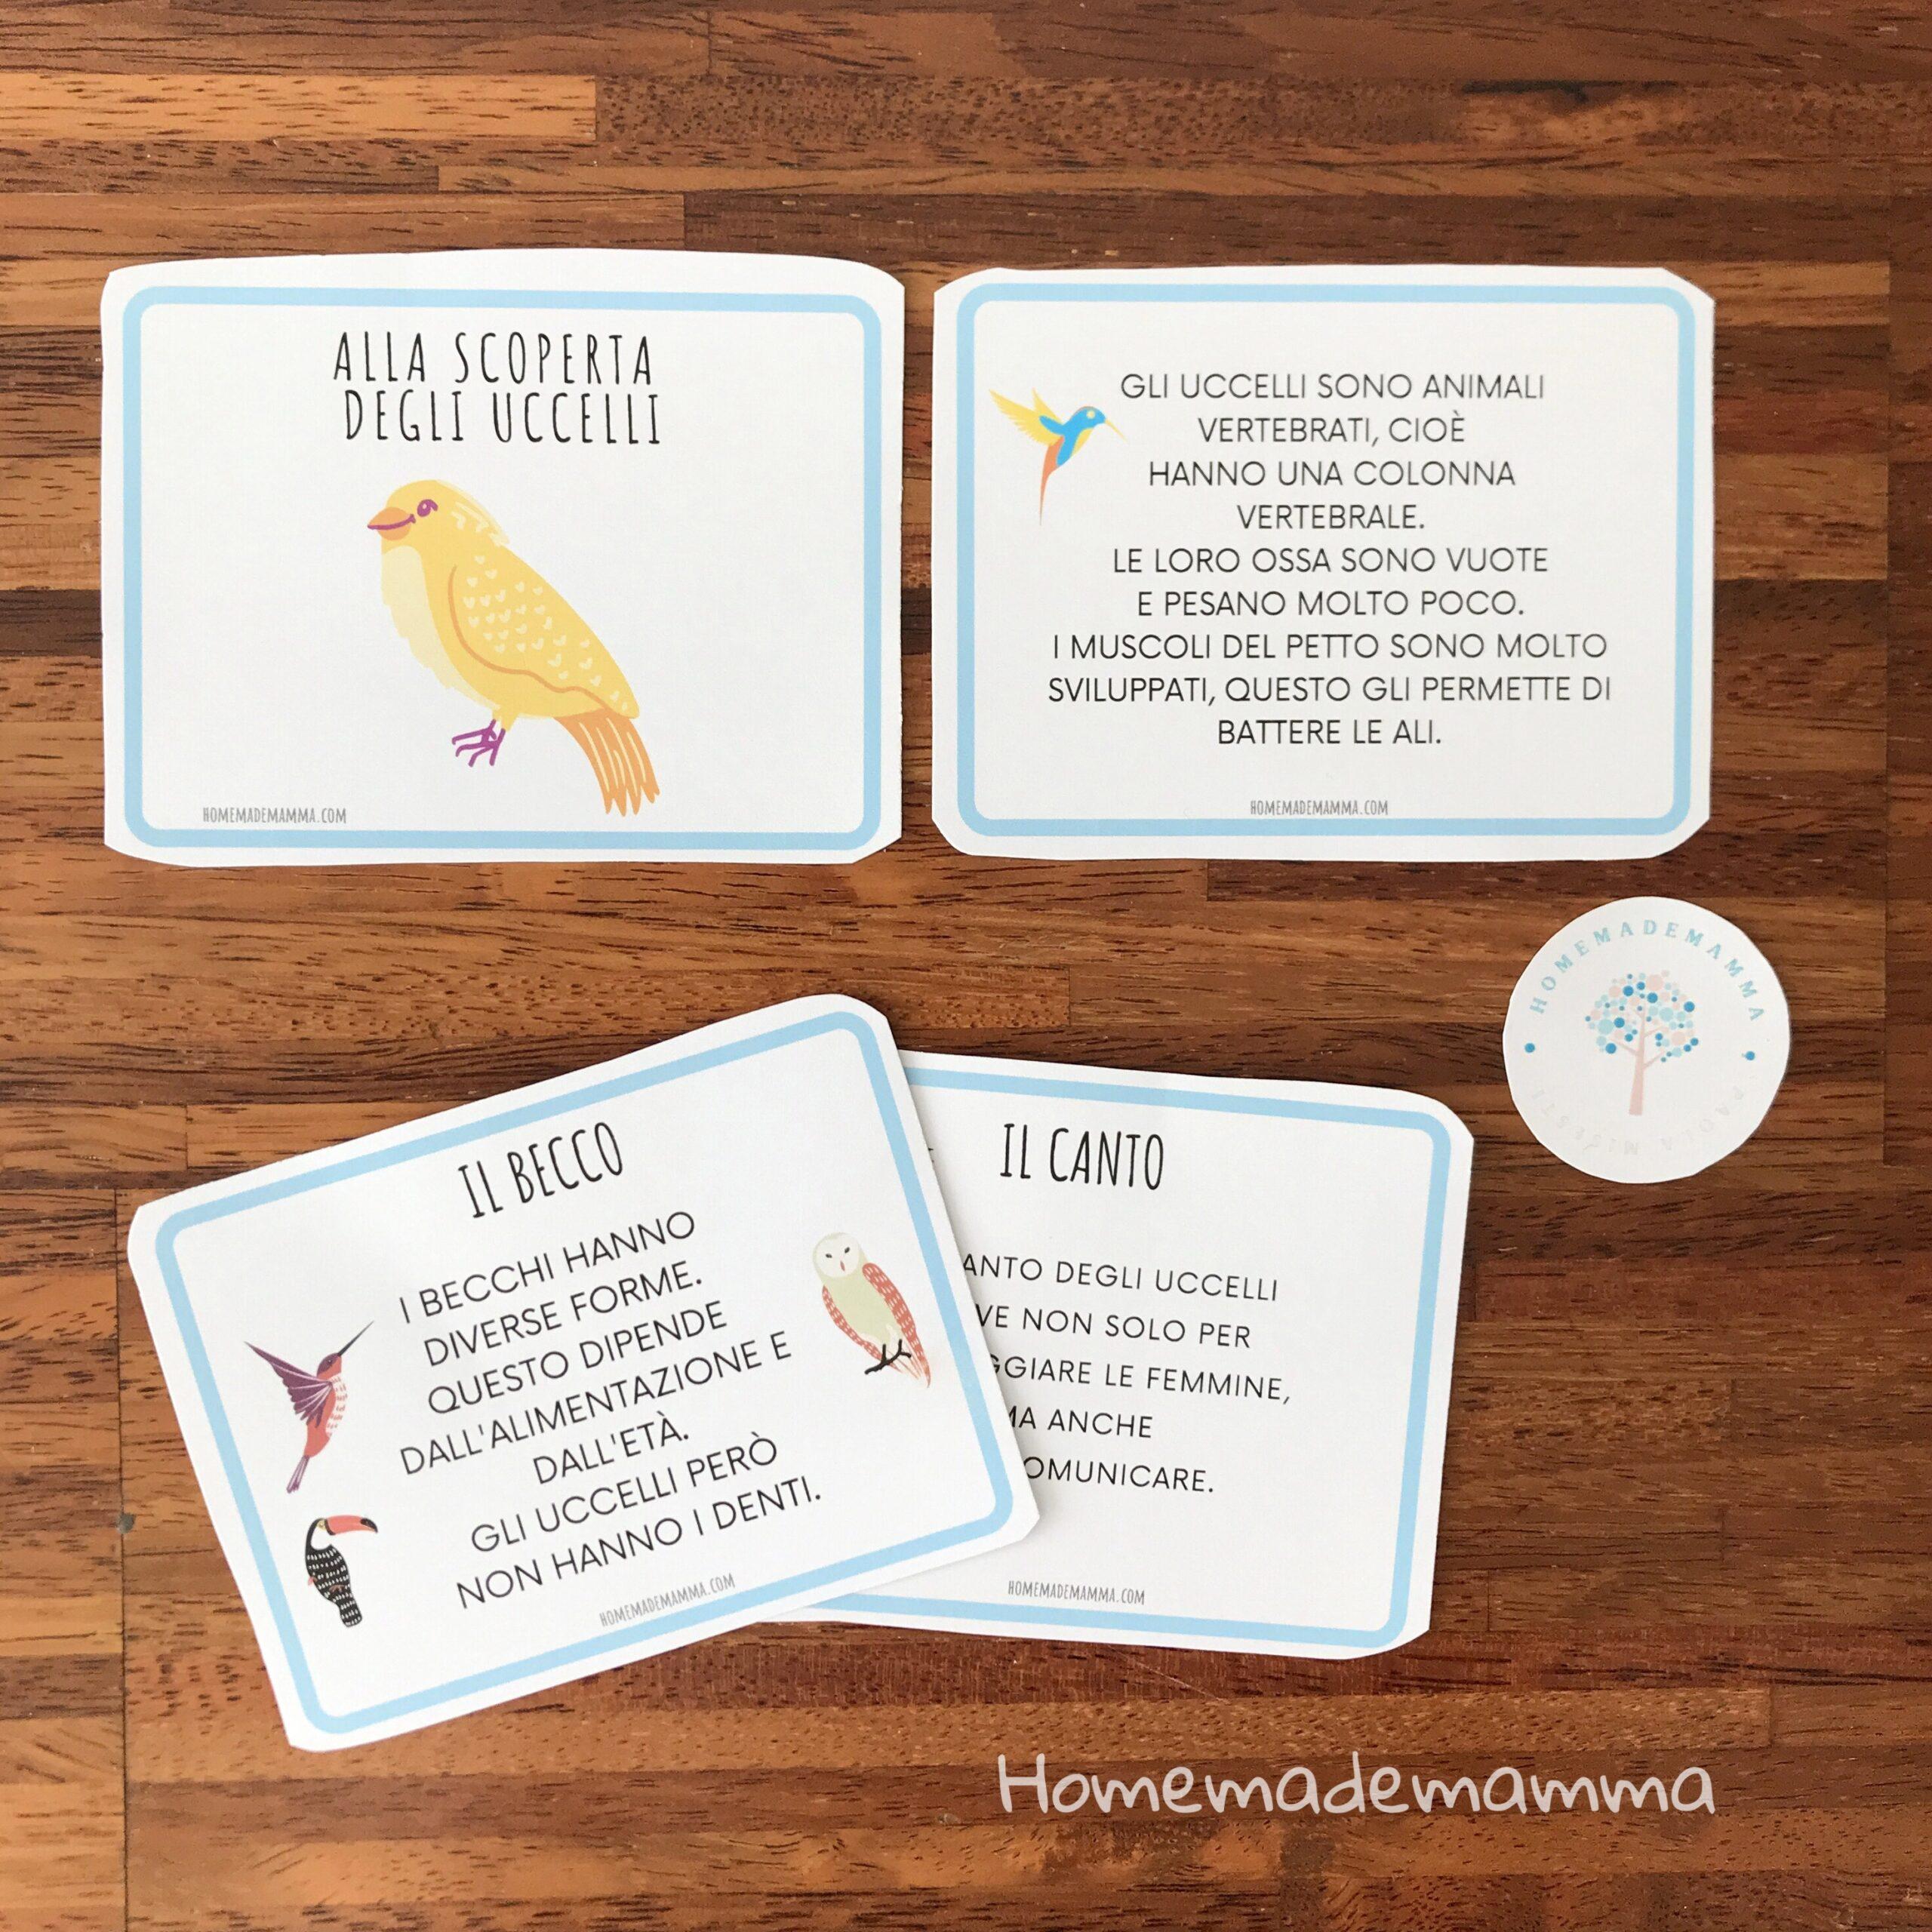 Schede e giochi per scoprire gli uccelli Da stampare